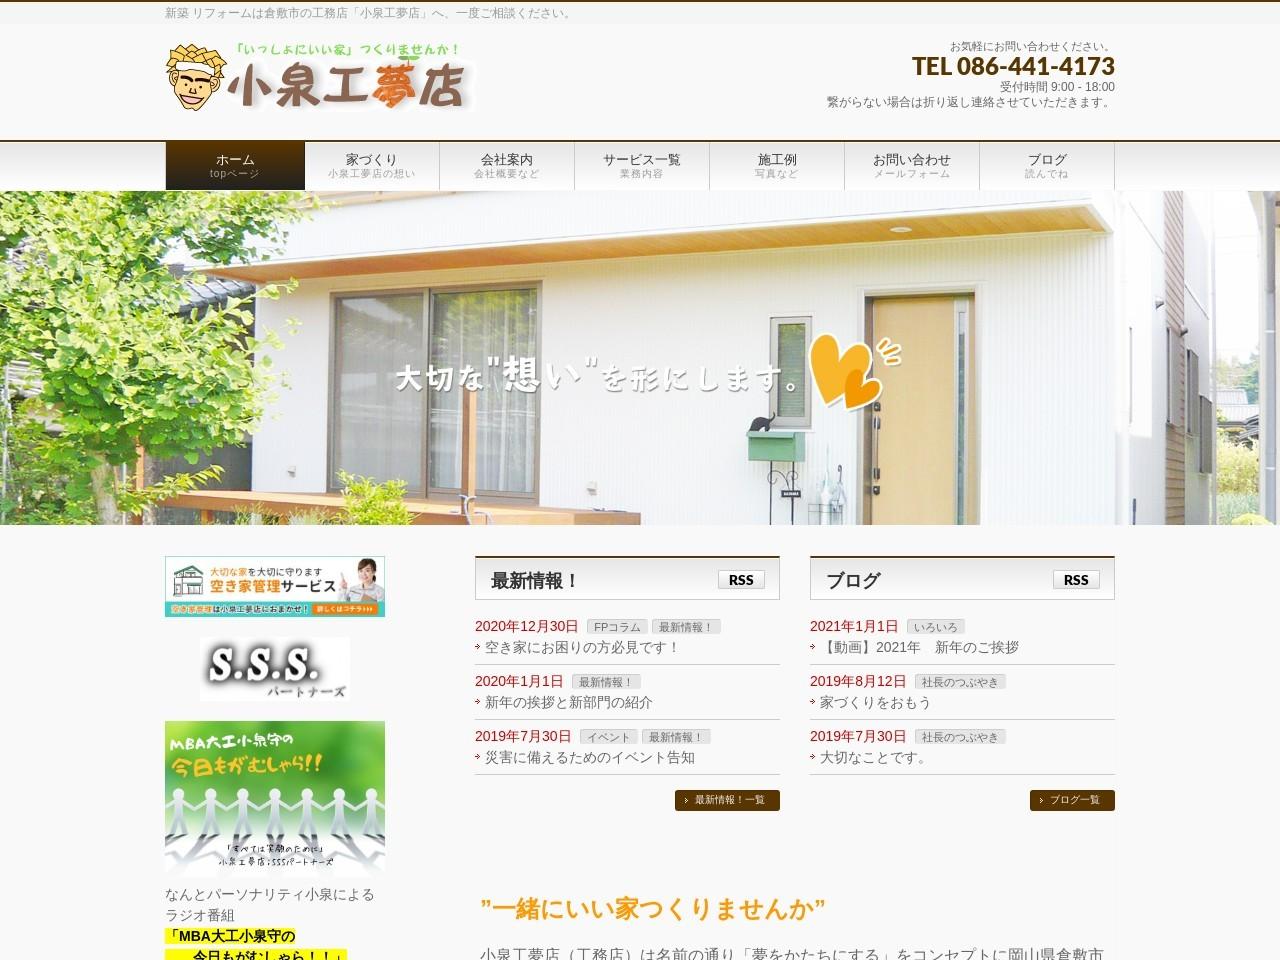 小泉工夢店一級建築設計事務所